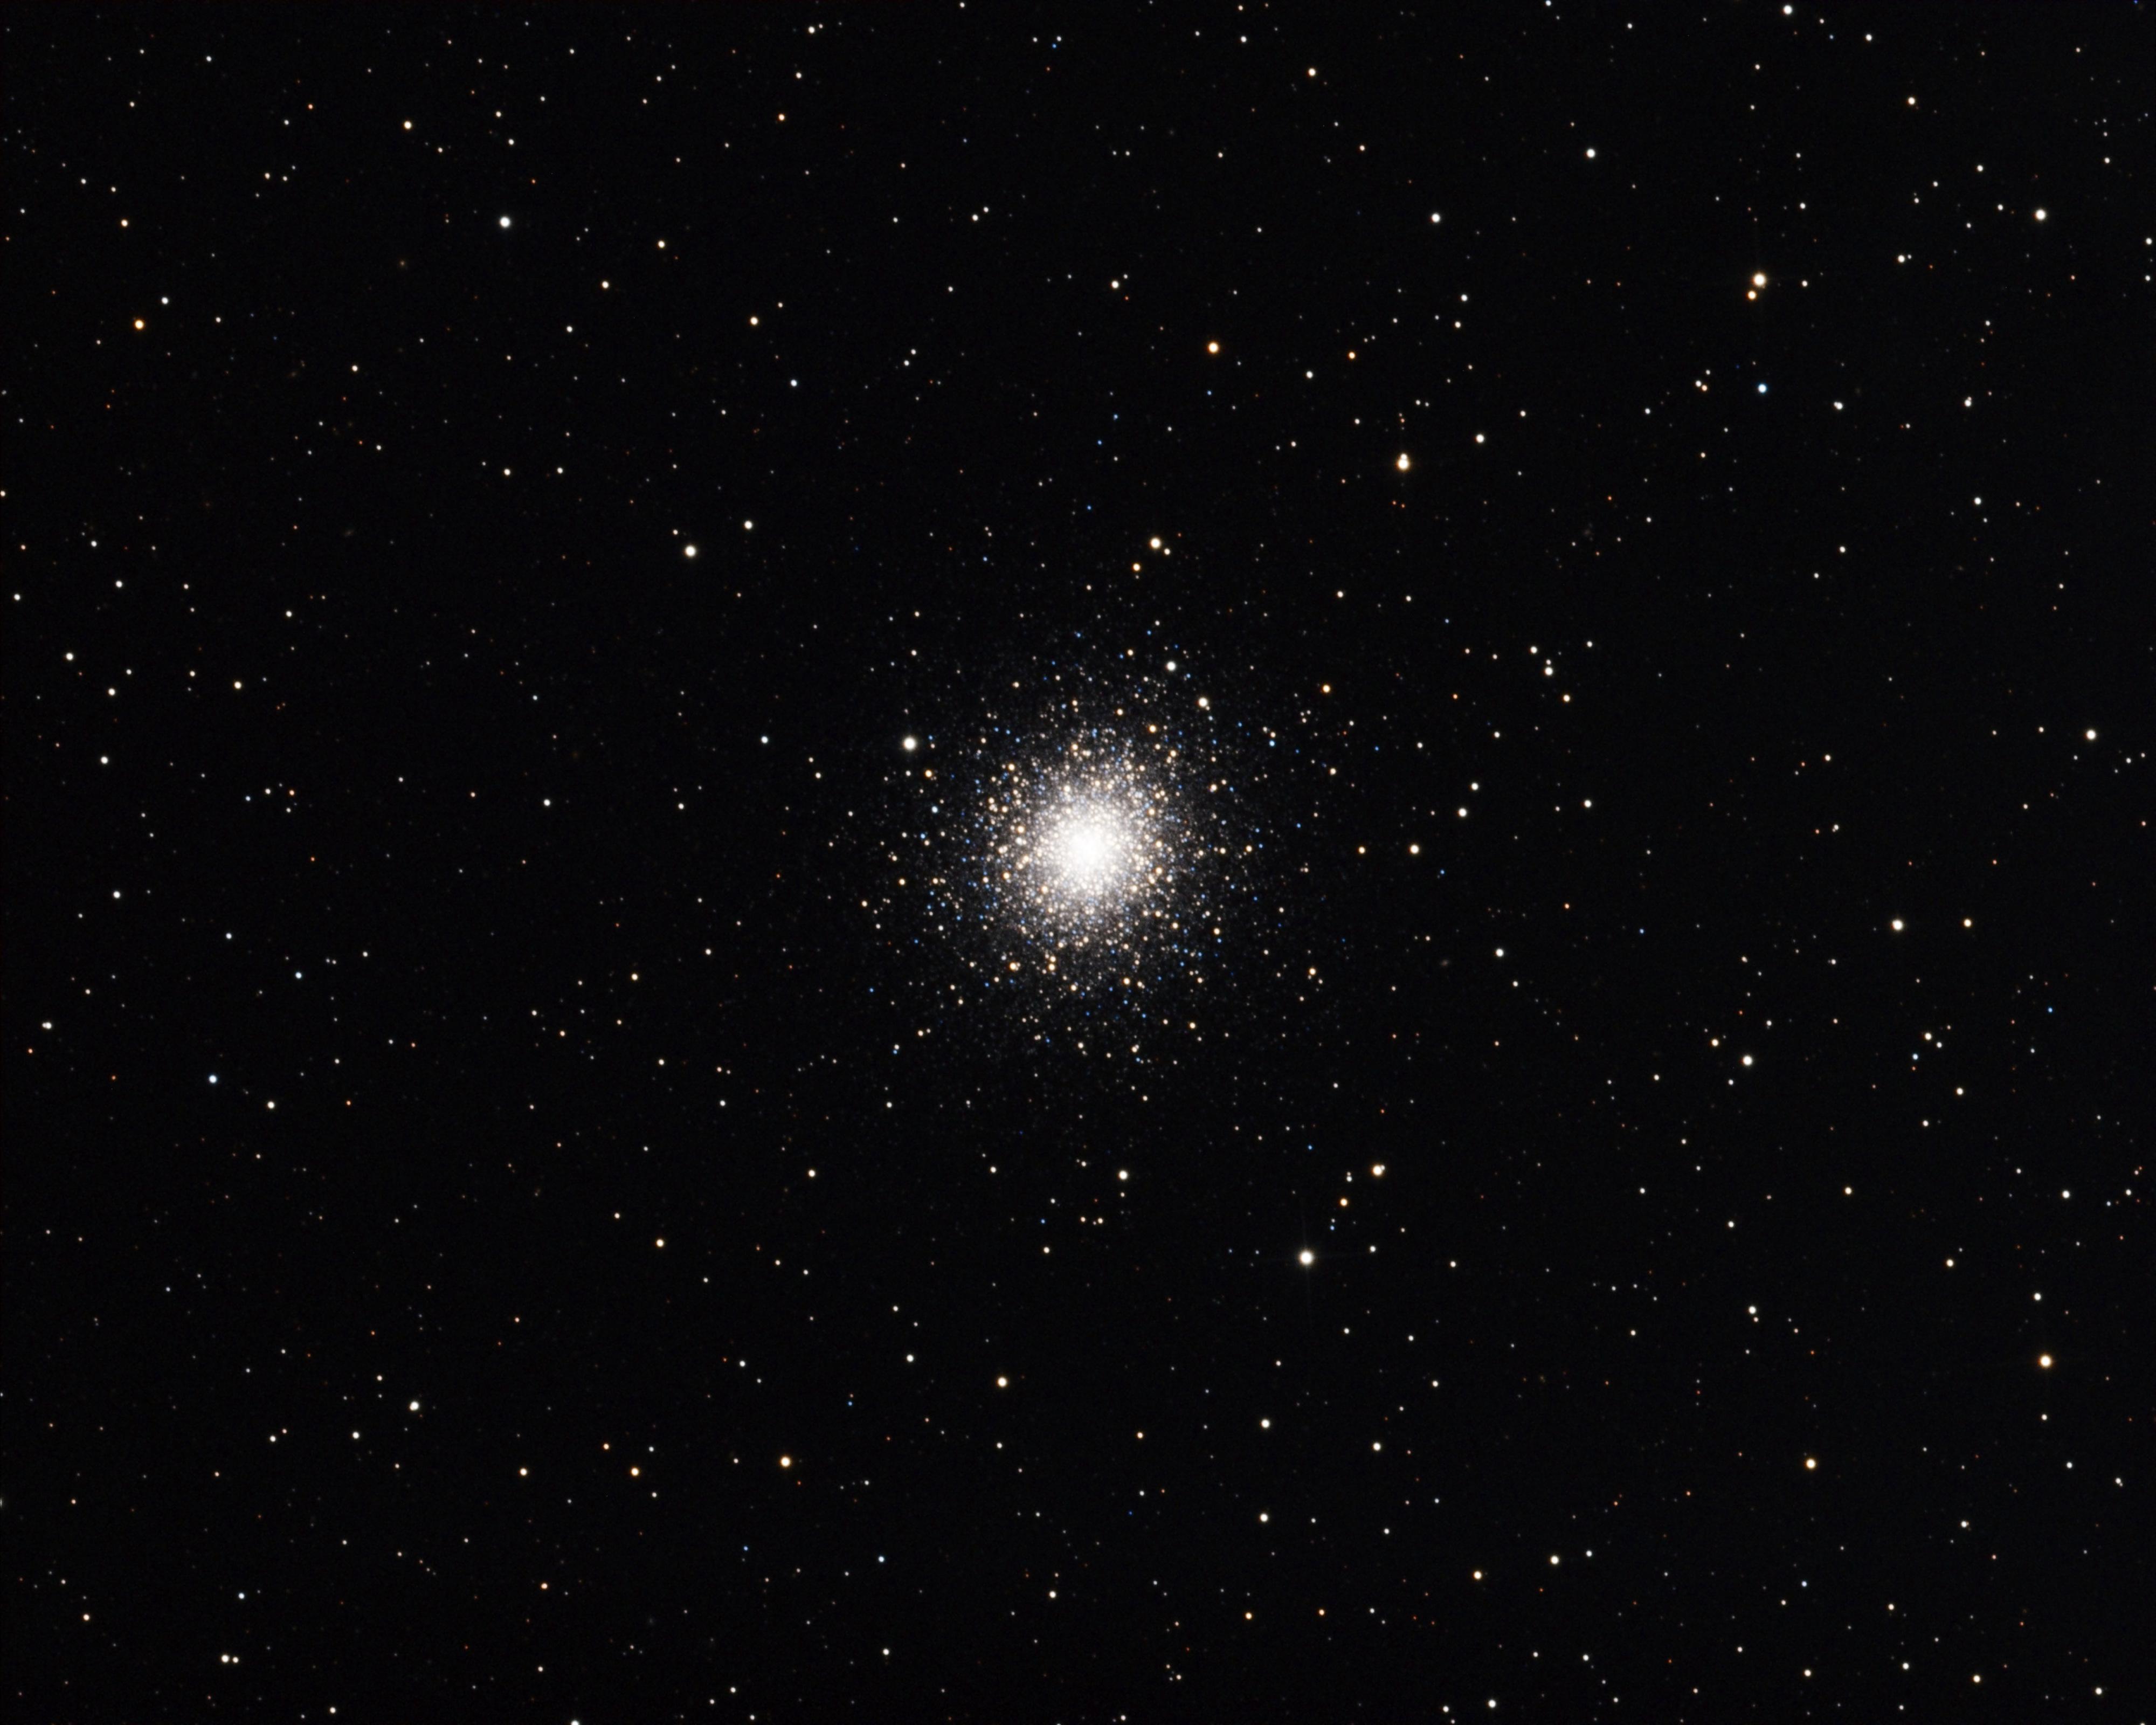 kulová hvězdokupa v souhvězdí Vodnáře, pět stupňů severně od hvězdy Beta Aquarii. Objevil ji Jean-Dominique Maraldi roku 1746 a je jedna z největších známých kulových hvězdokup.